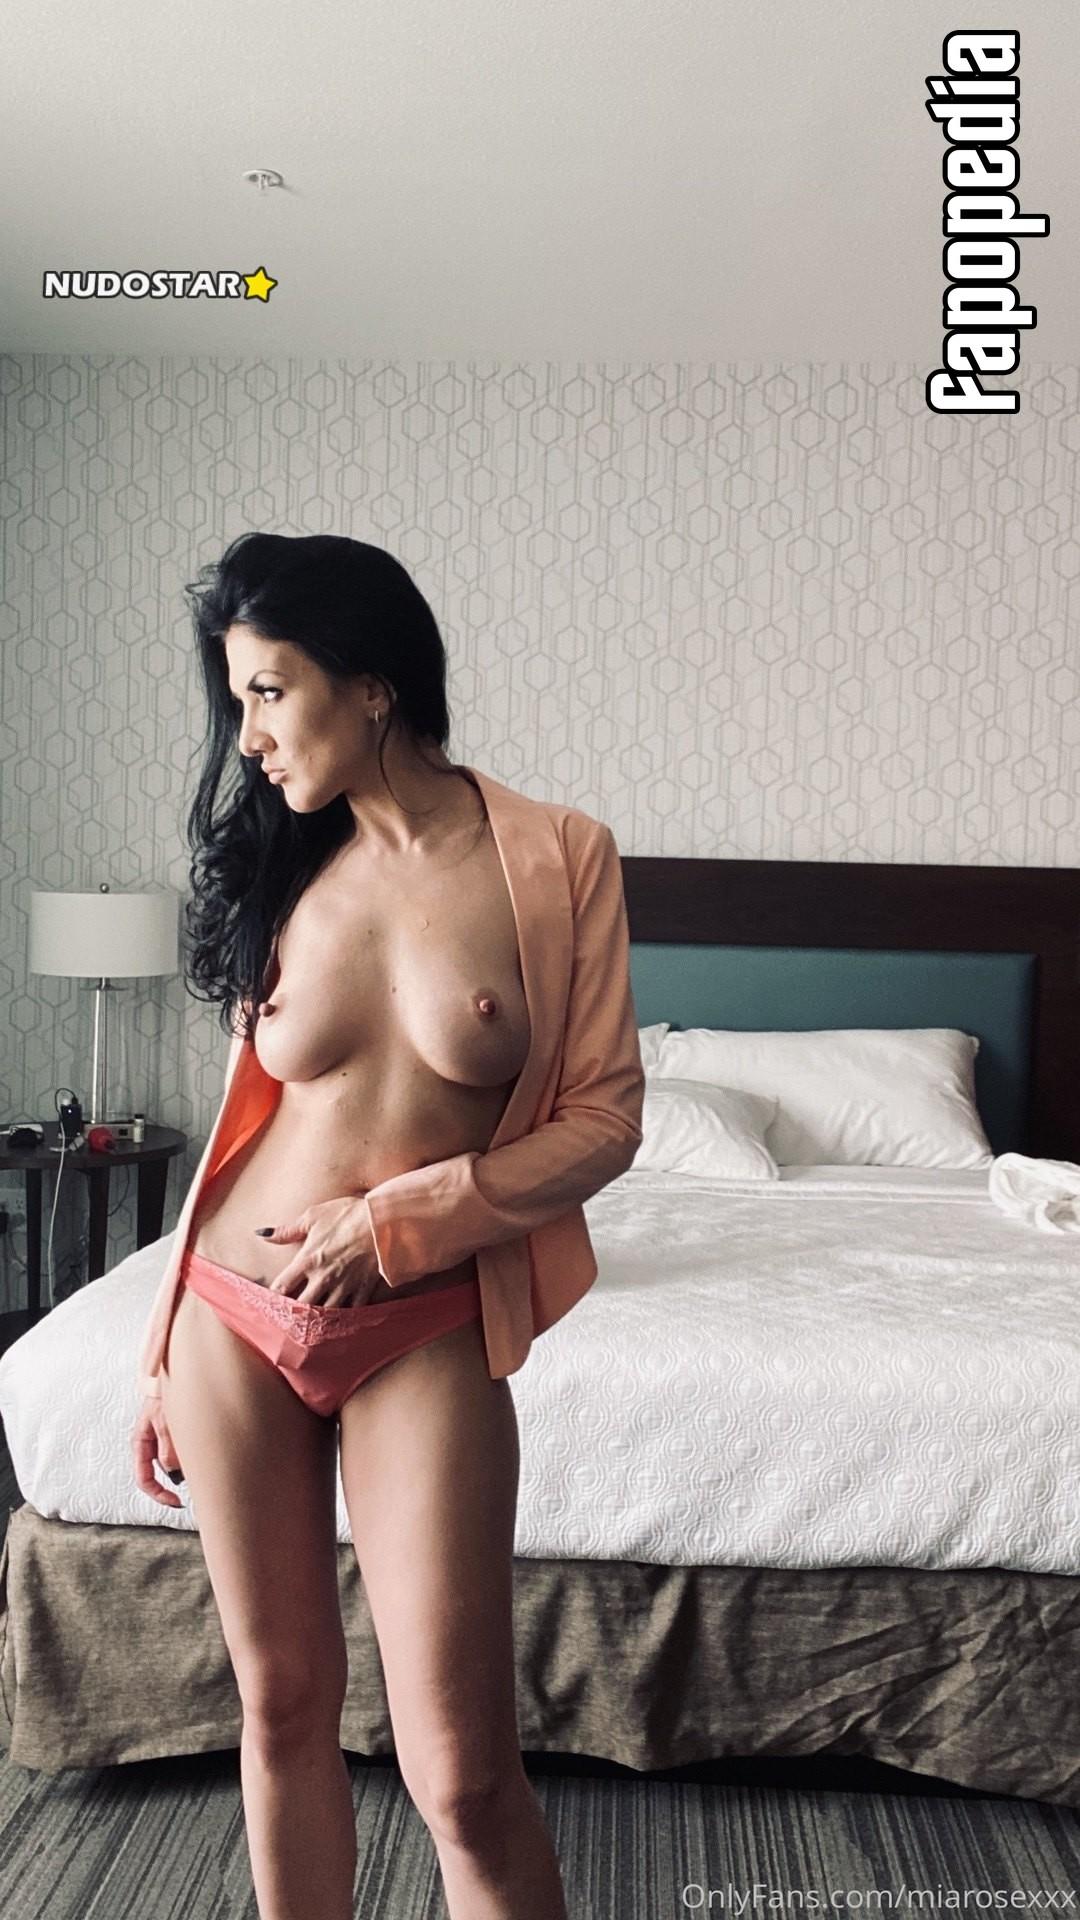 Miarosexxx Nude OnlyFans Leaks